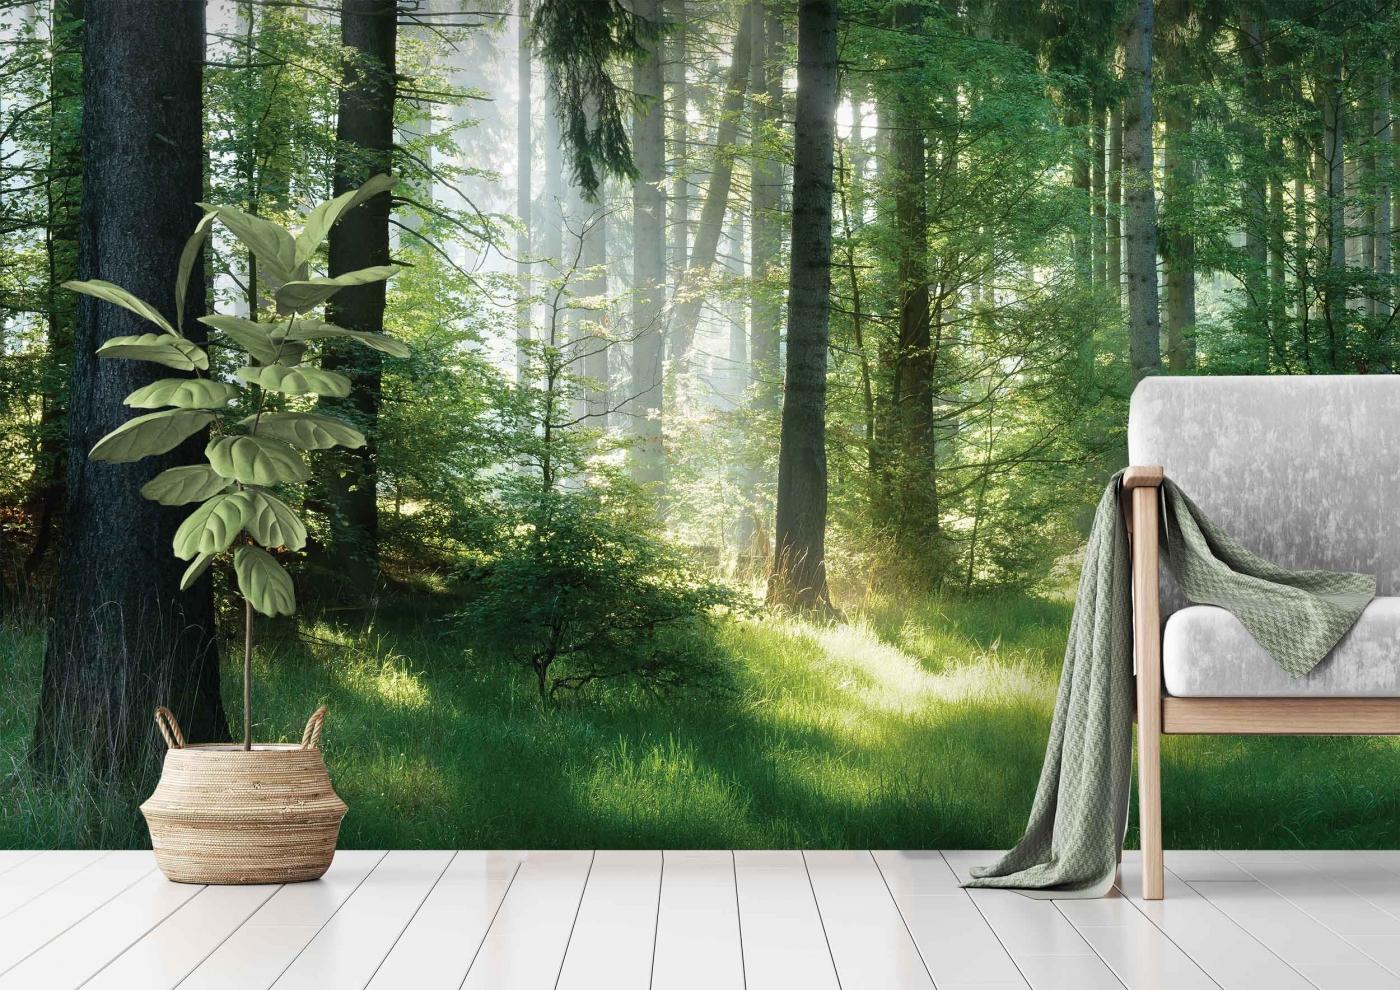 Tapeta Lesní pohoda, 288 x 200 cm